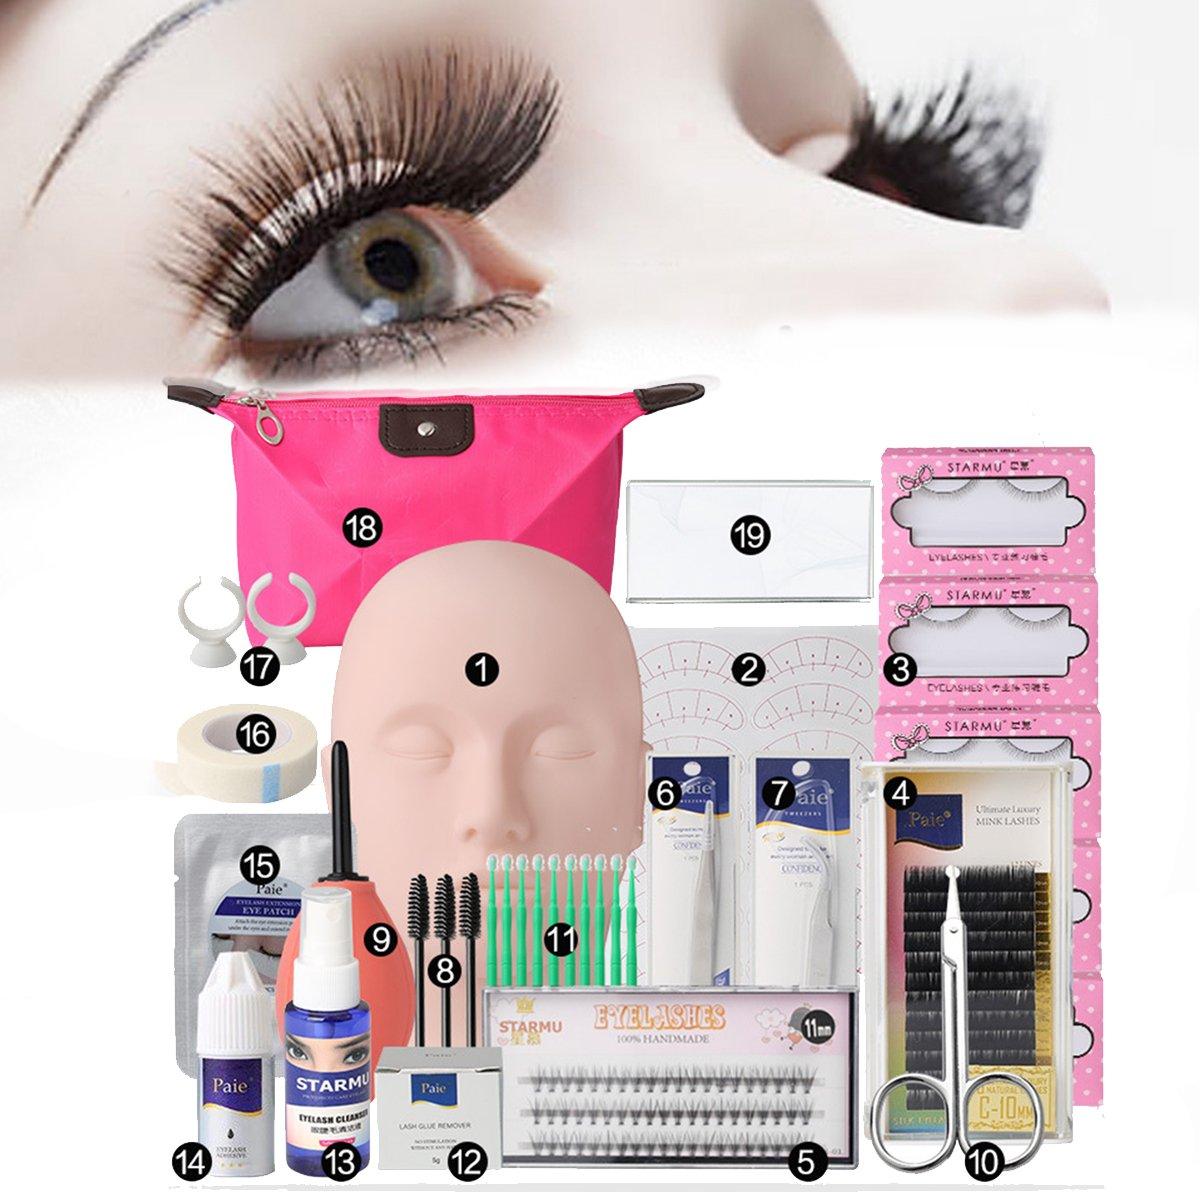 LuckyFine Pro 19pcs False Eyelashes Extension Practice Exercise Set, Professional Head Model Lip Makeup Eyelash Grafting Training Tool Kit (19pcs Set)